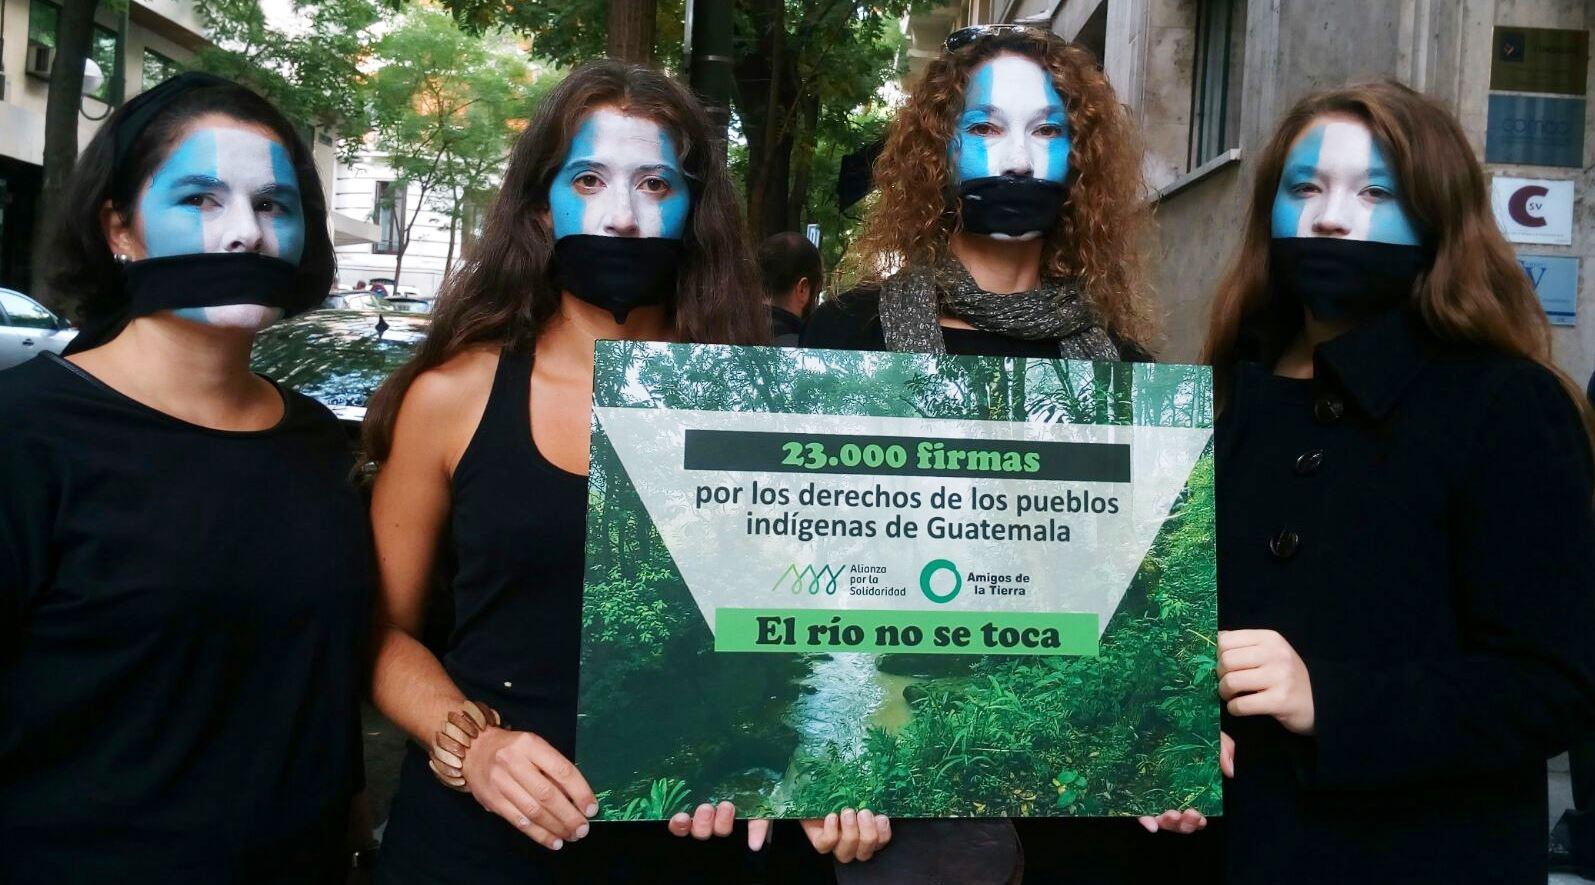 Ir a 23.000 firmas contra una inversión española que vulneró los derechos indígenas